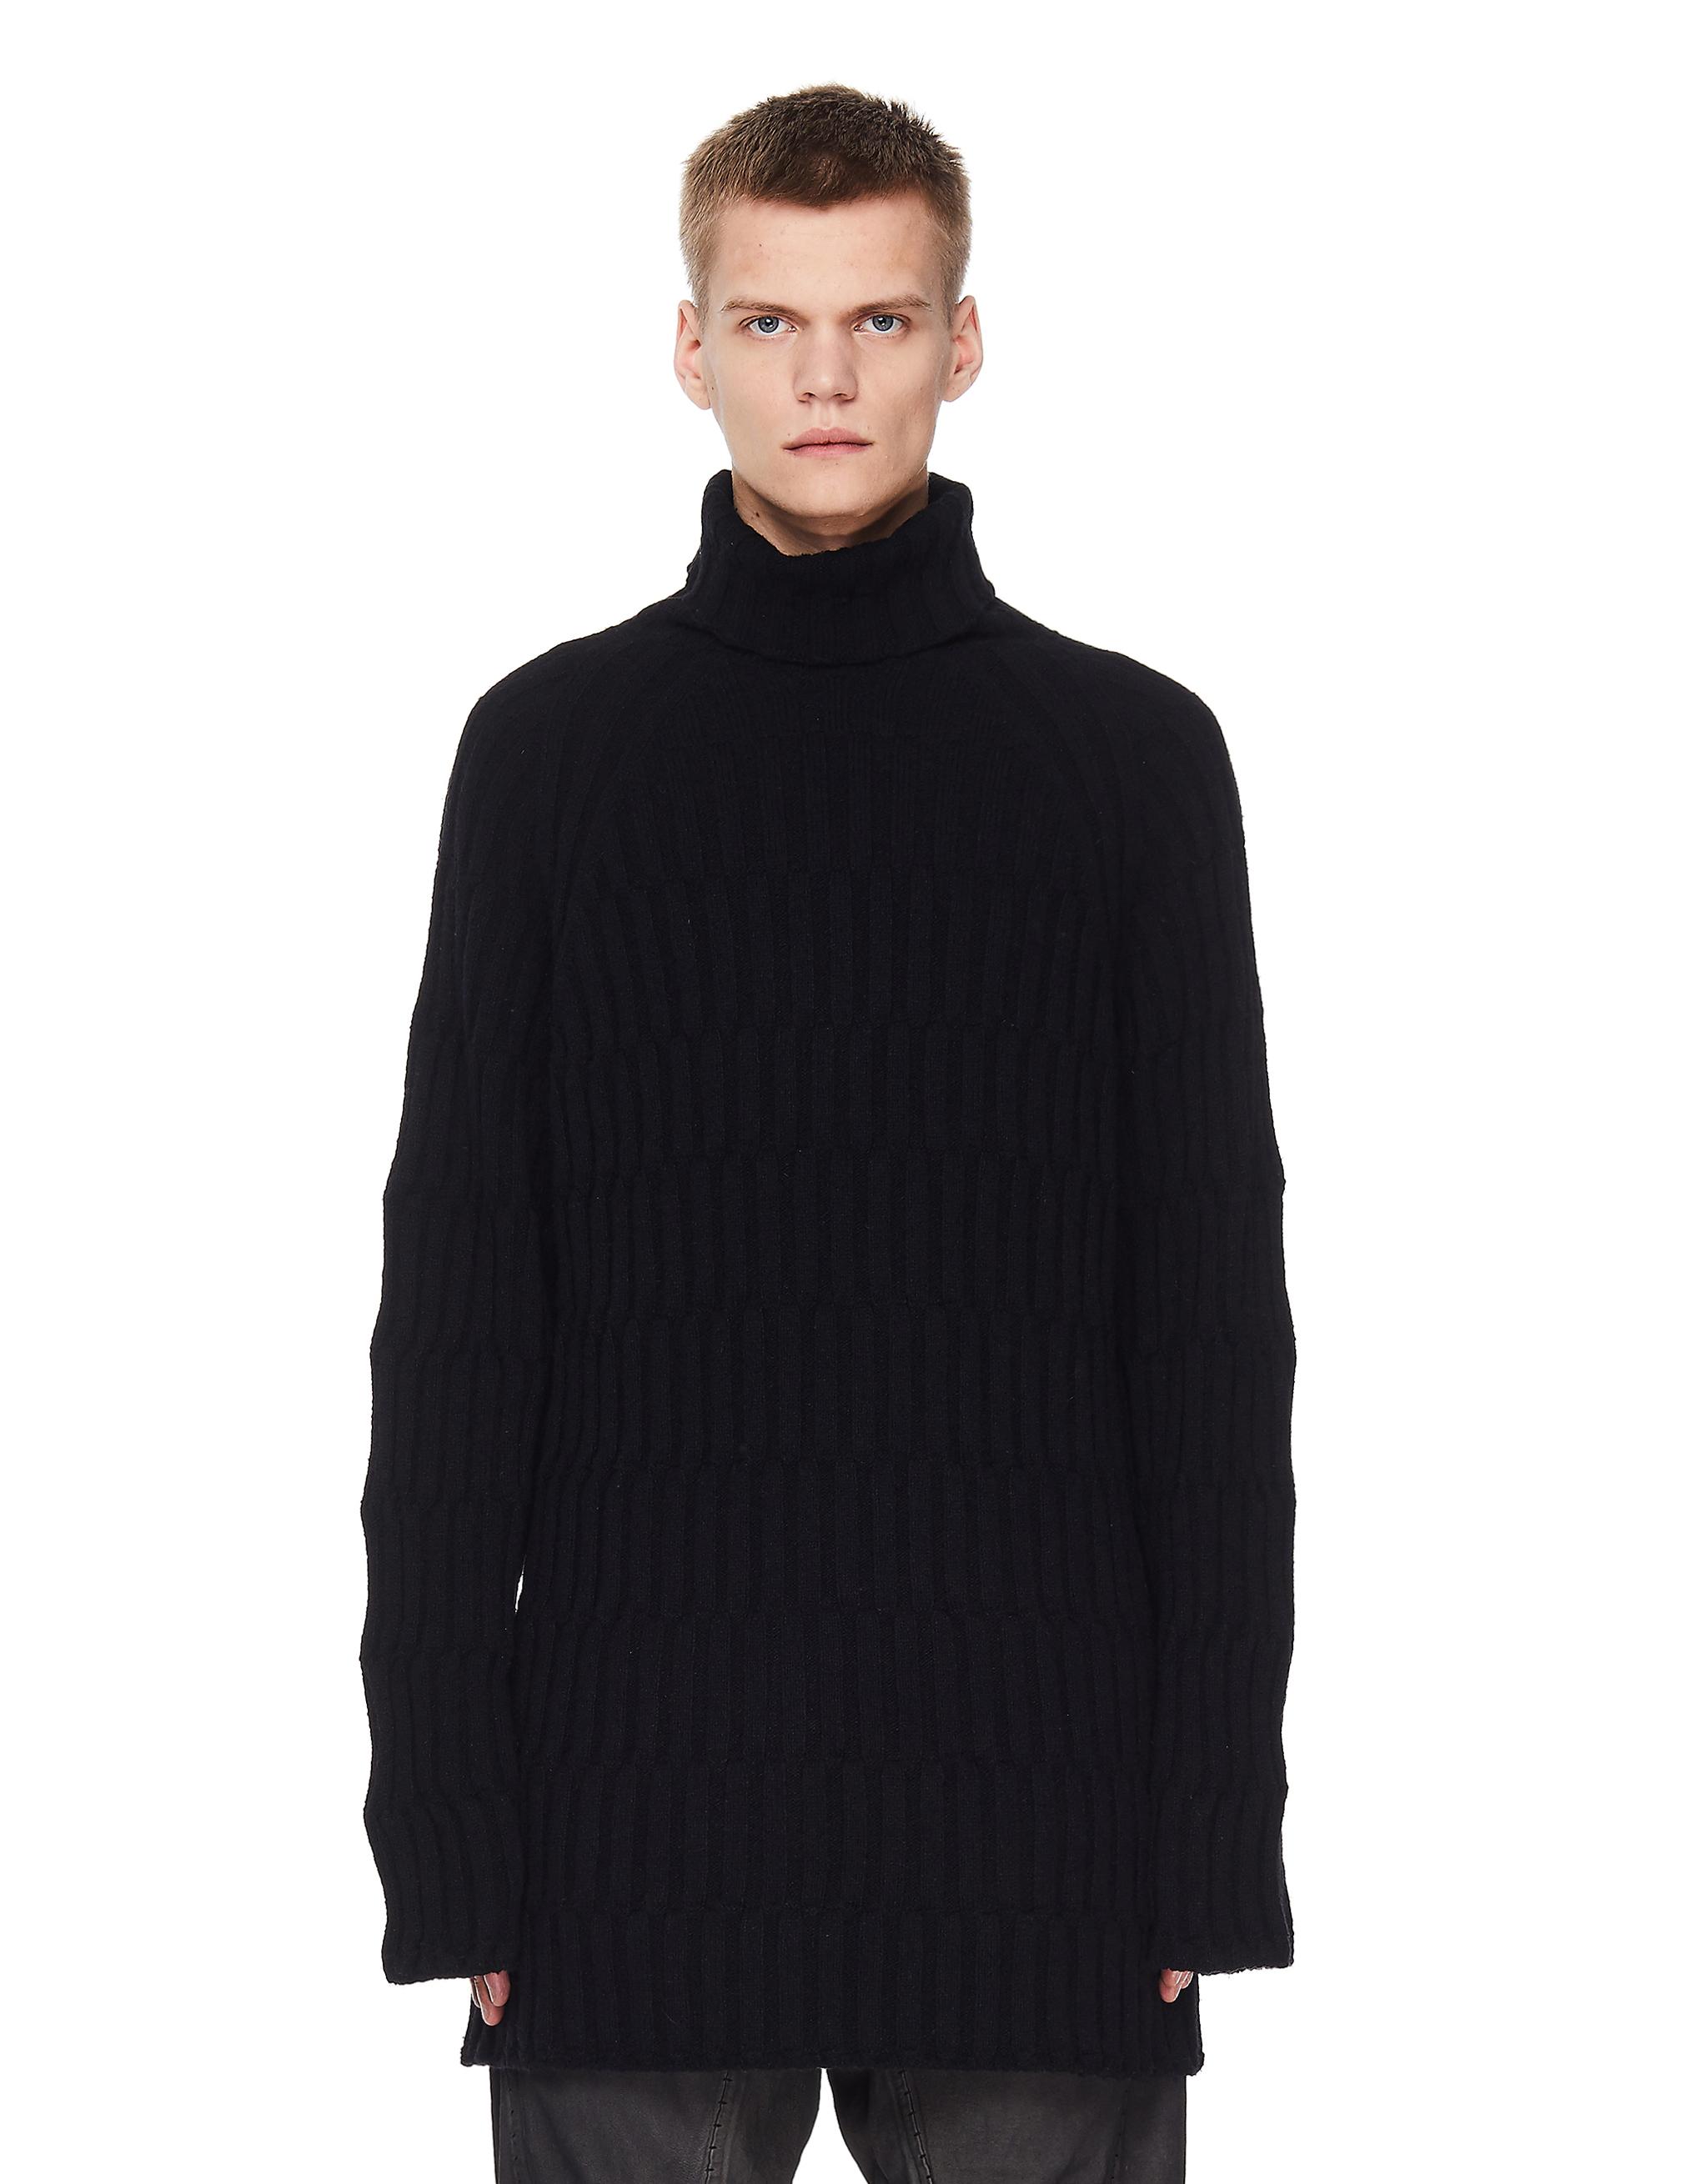 Yohji Yamamoto Black Wool Long Sweater